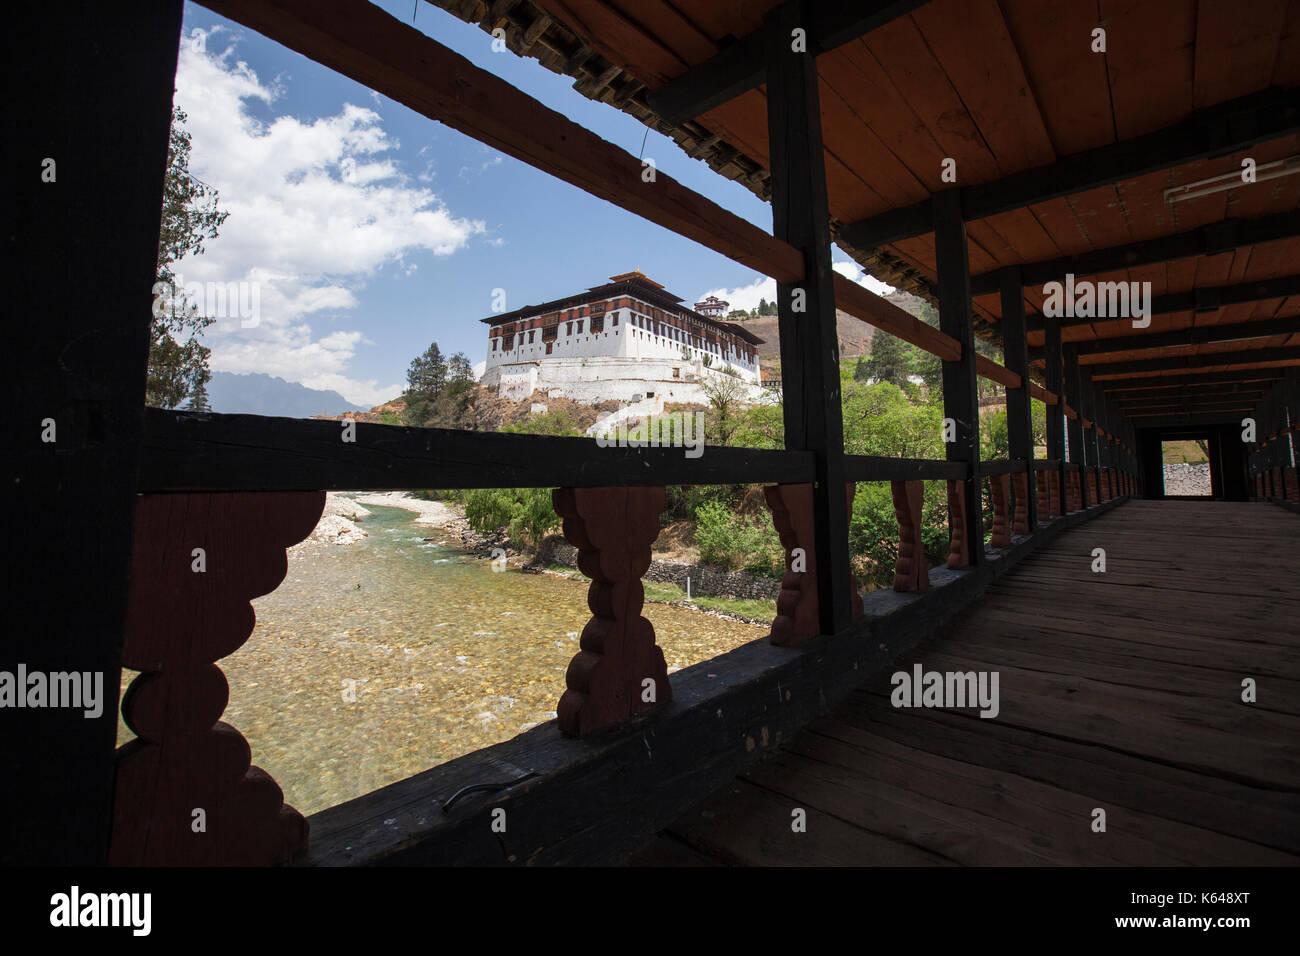 Holz Balkon der buddhistischen Tempel, Tiger's Nest, Bhutan Stockfoto